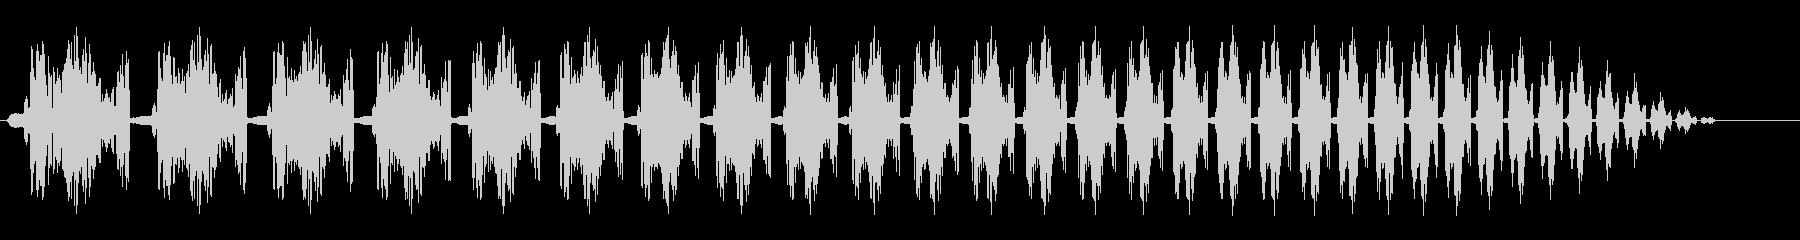 コミカル(プロペラ旋回音のような効果音)の未再生の波形